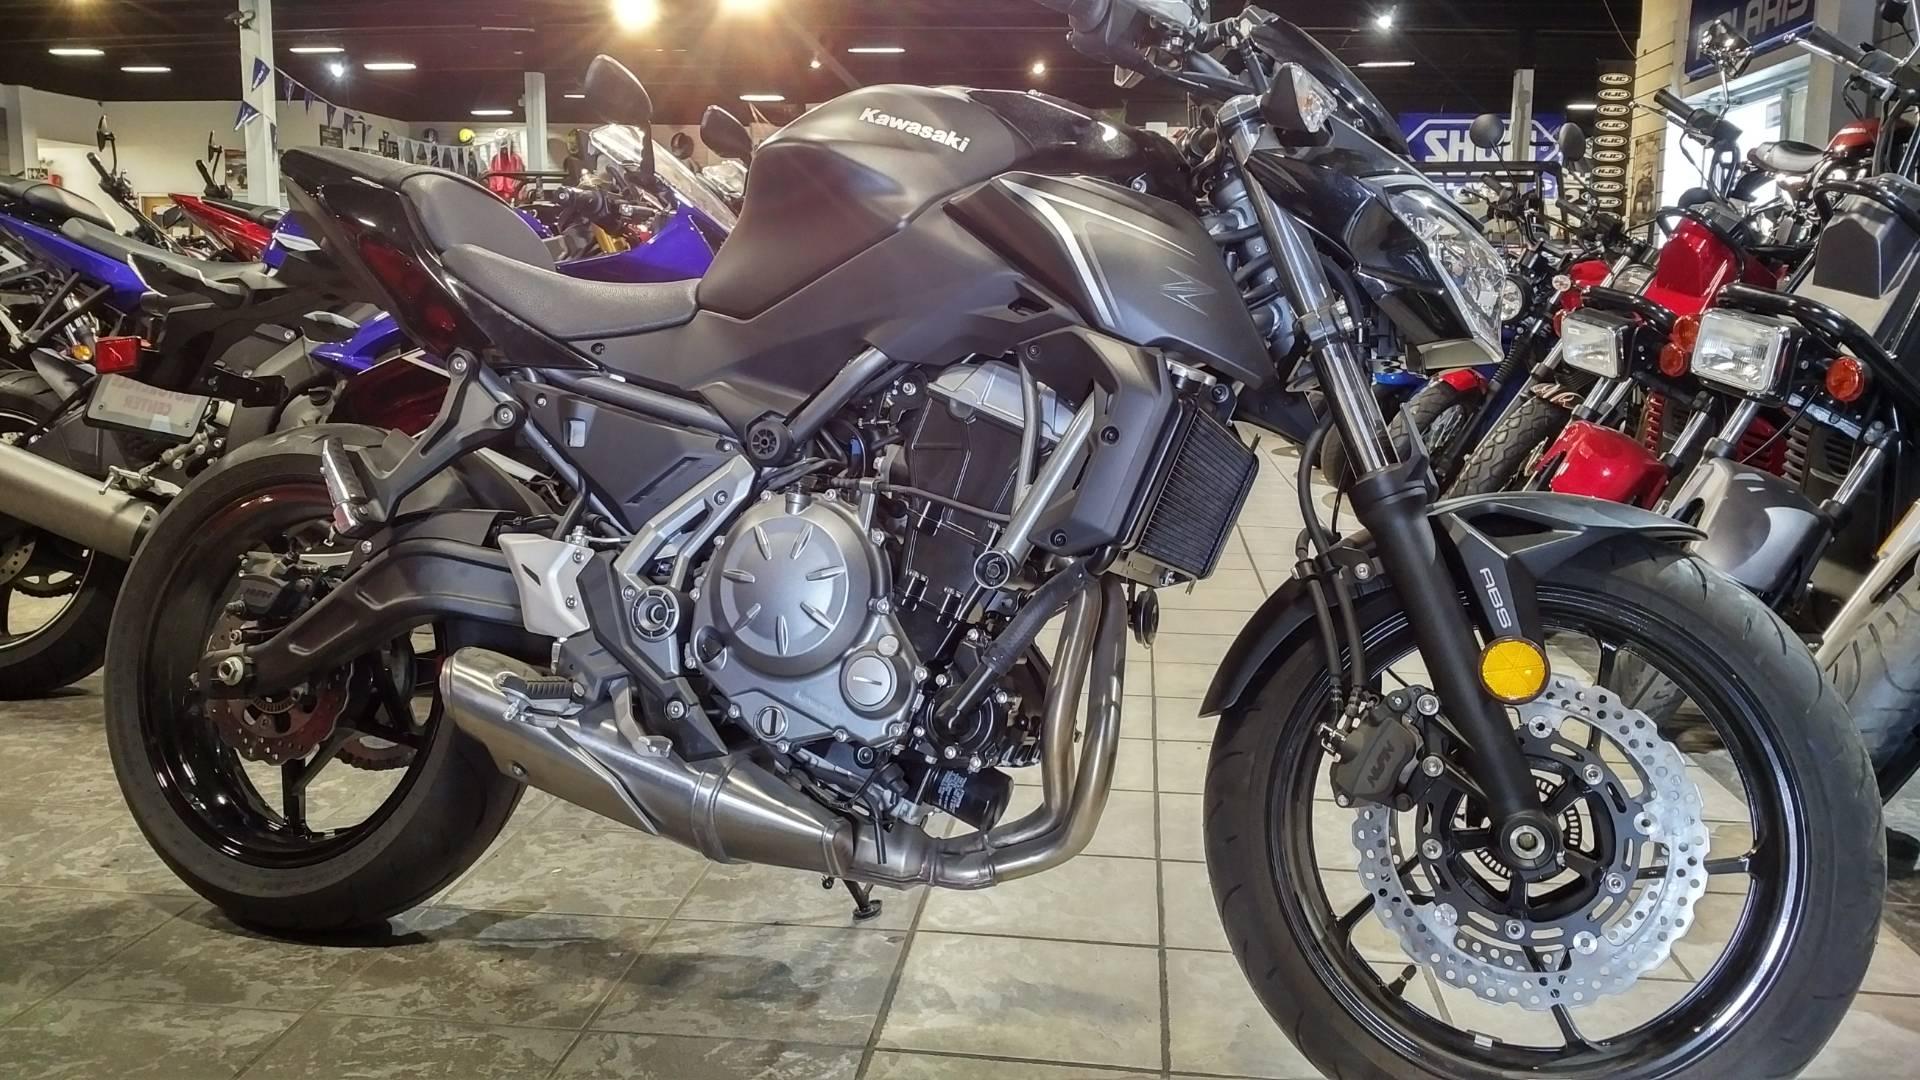 2017 Kawasaki Z650 for sale 135611